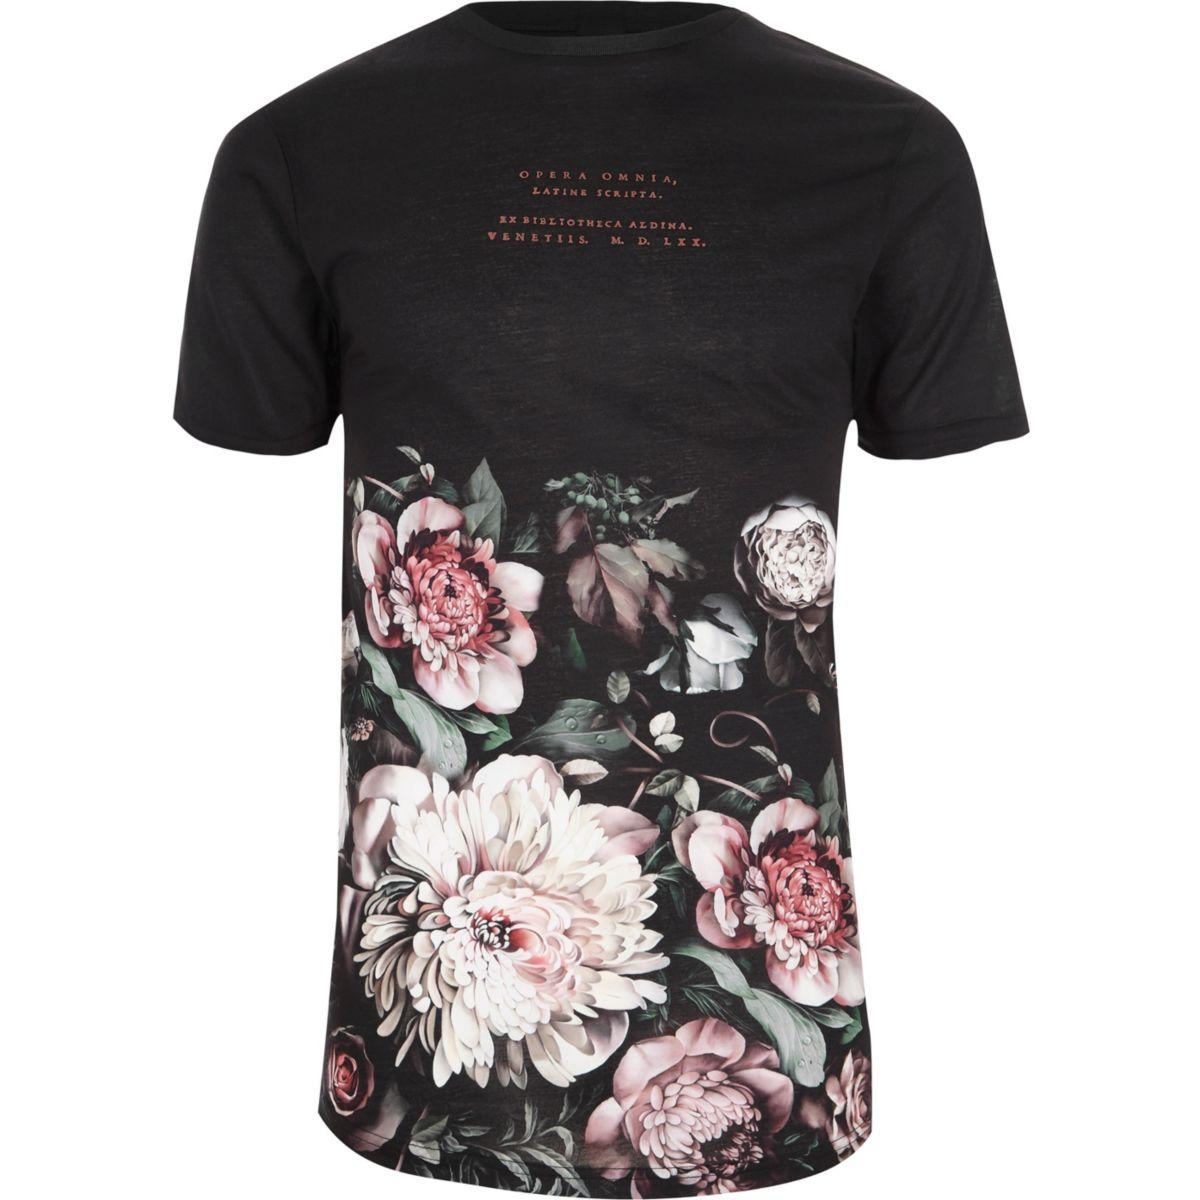 Schwarzes T-Shirt mit Rundhalsausschnitt und Blumenmuster